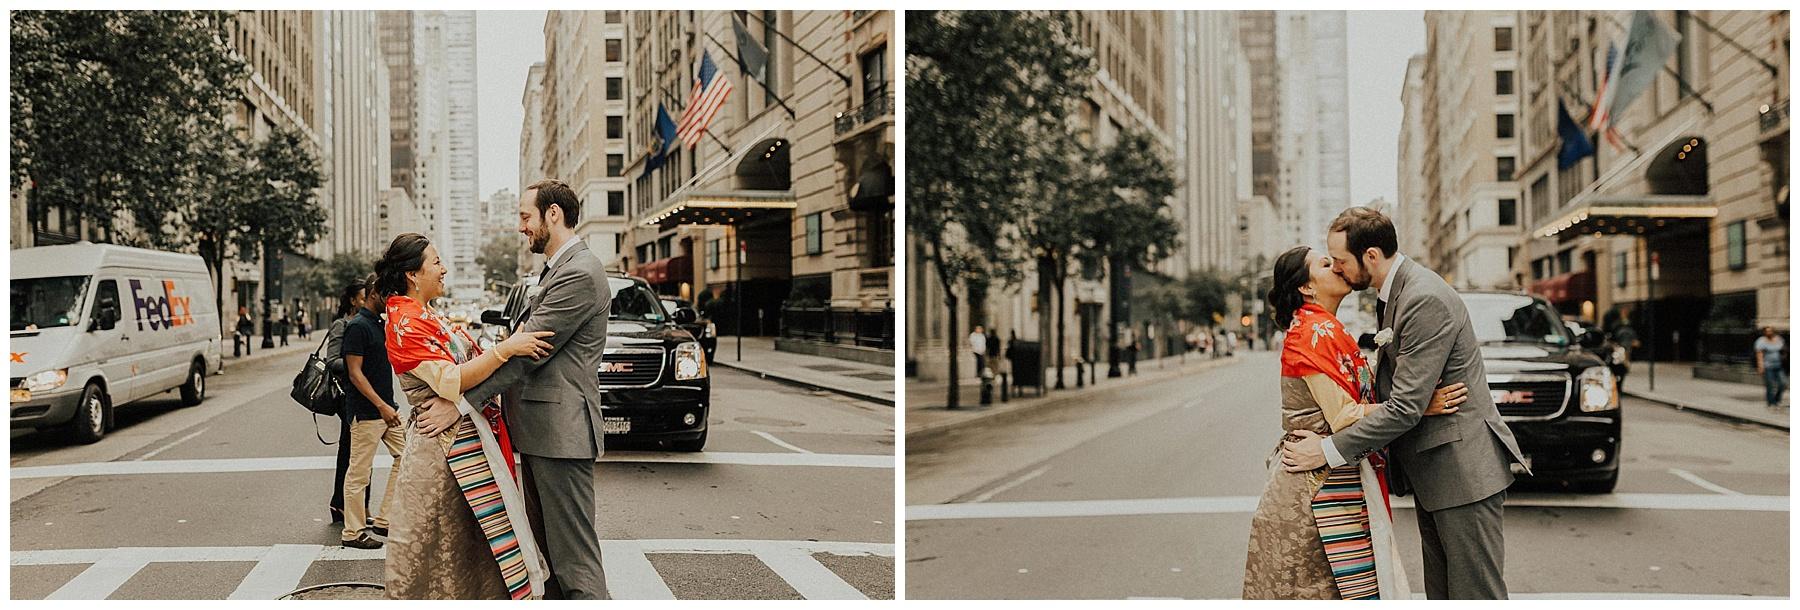 New York City Wedding New York City Wedding Photographer-128.jpg